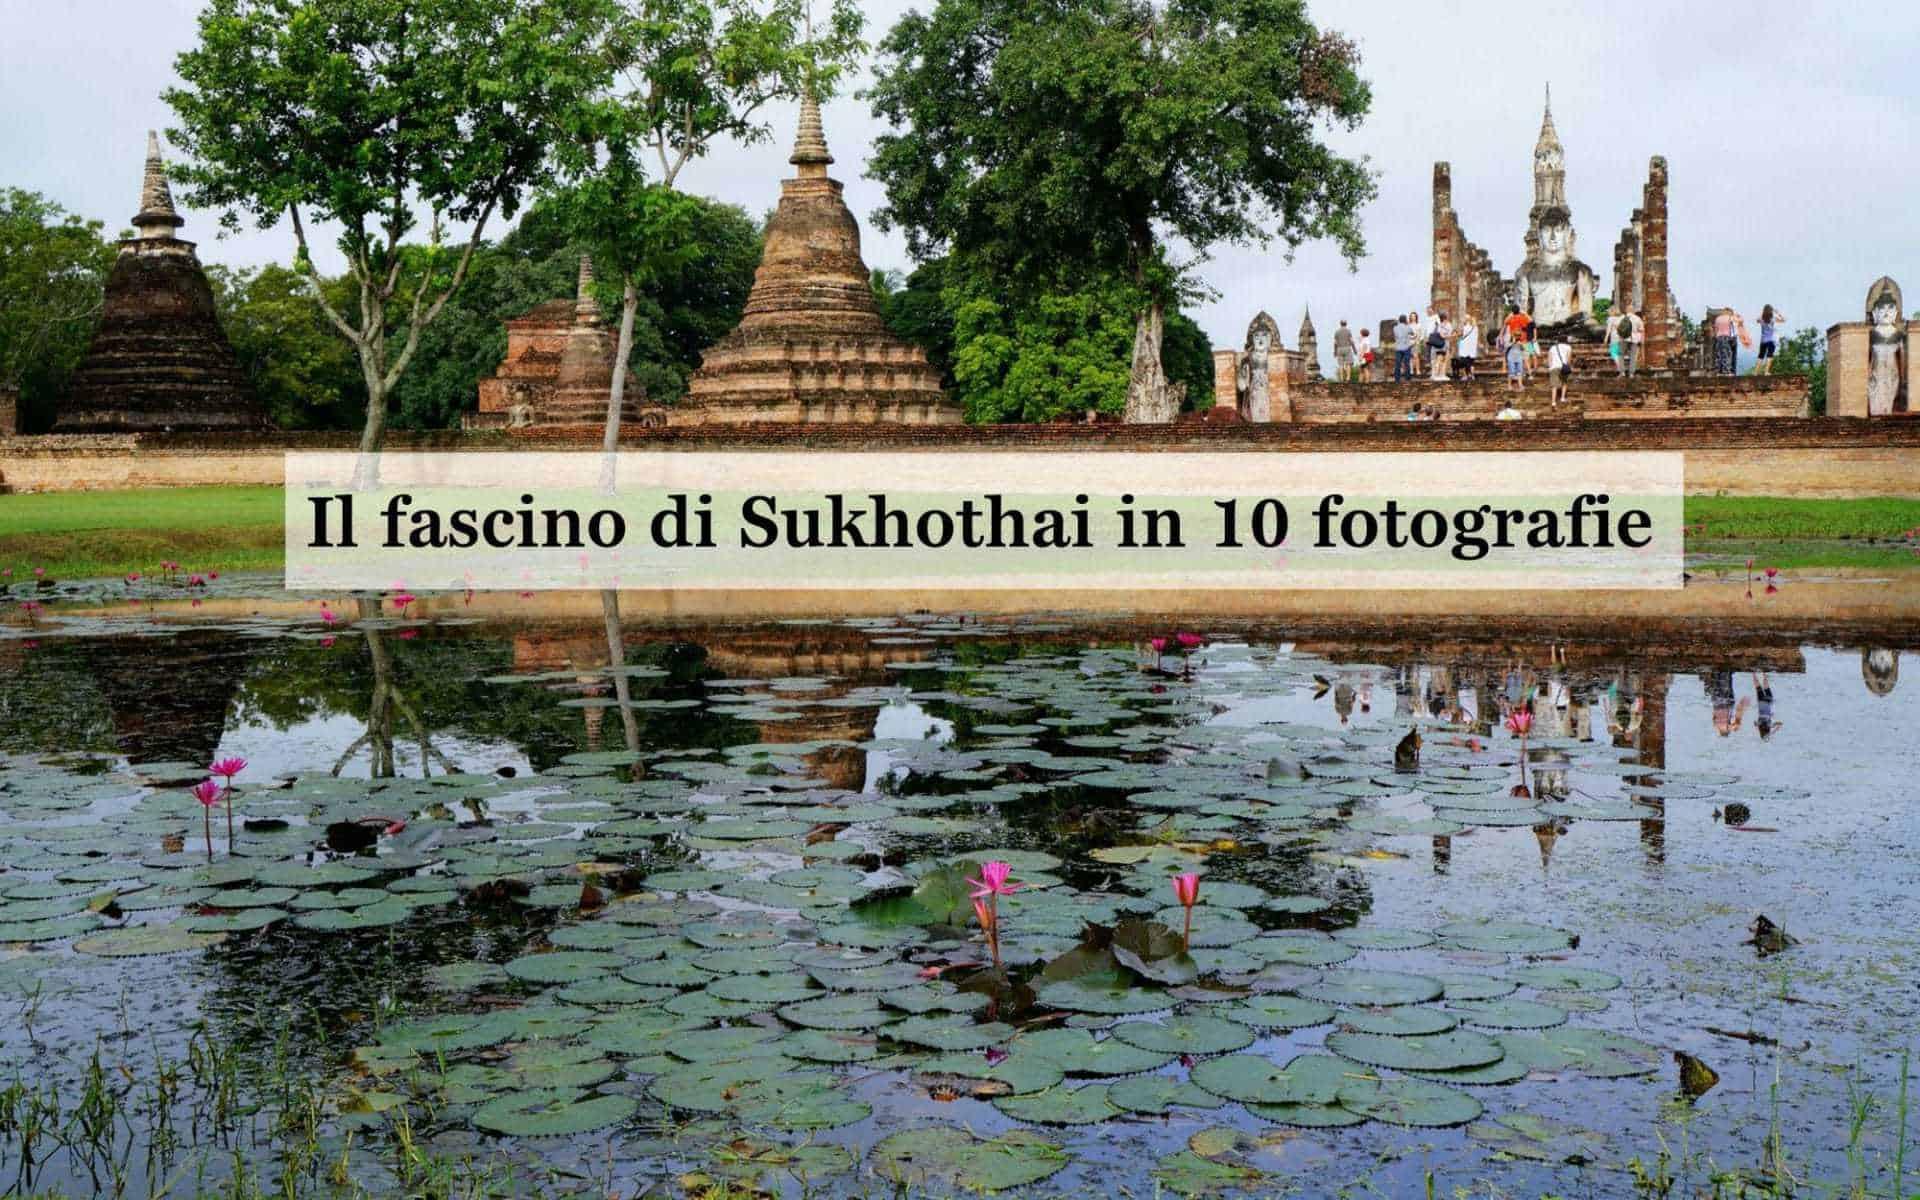 Il fascino antico di Sukhothai in 10 fotografie